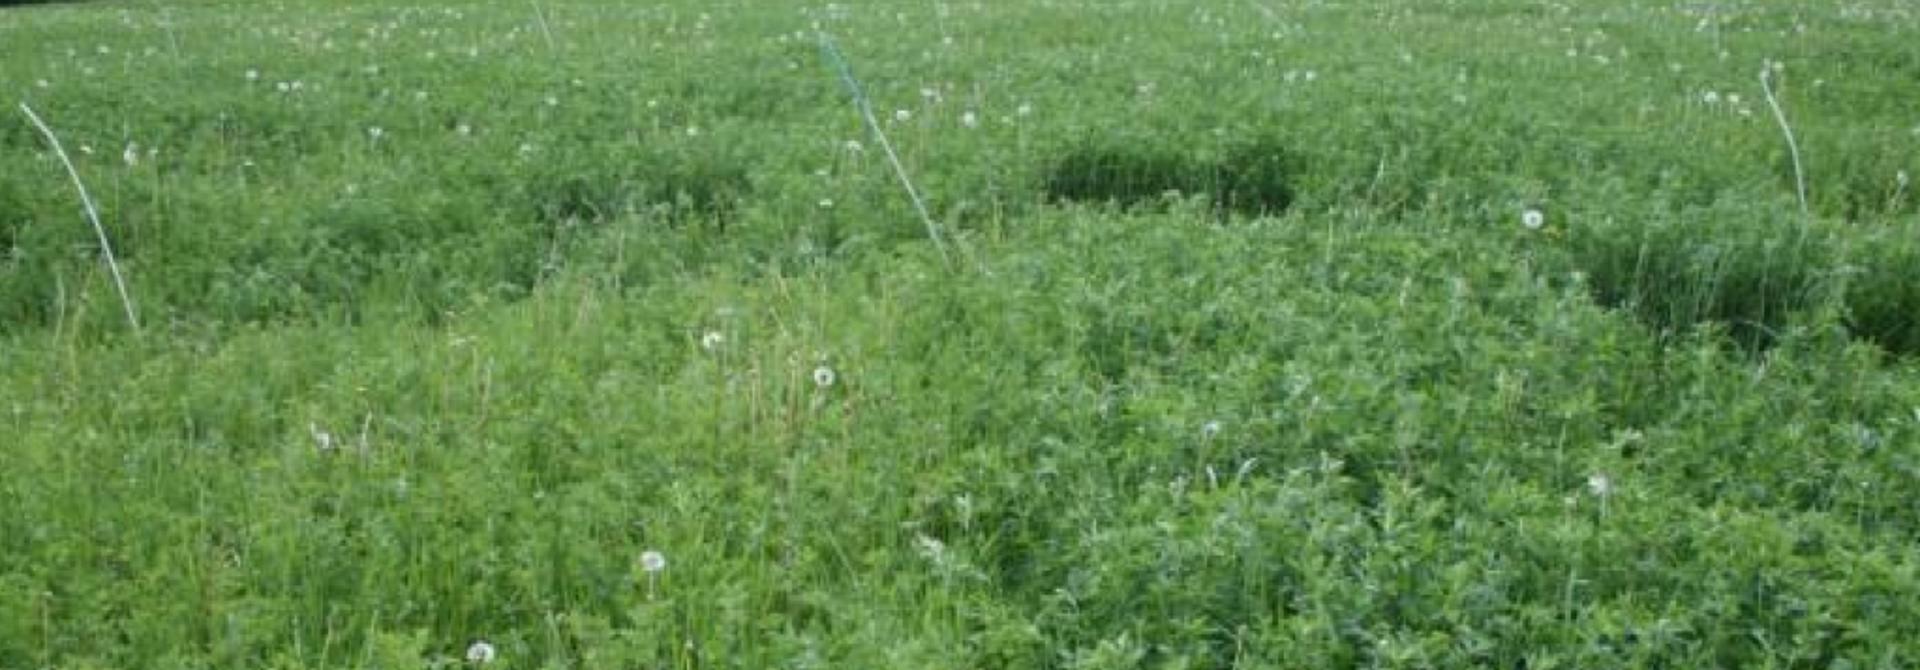 Ein Luzerne-Grasbestand aus dem Versuch der Universitu00e4t Giessen; in der linken Bildhu00e4lfte sieht man die deutliche Aufhellung der Pflanzen ohne Schwefeldu00fcngung (Bild: Dr. Stephanie Fischinger, zVg)>